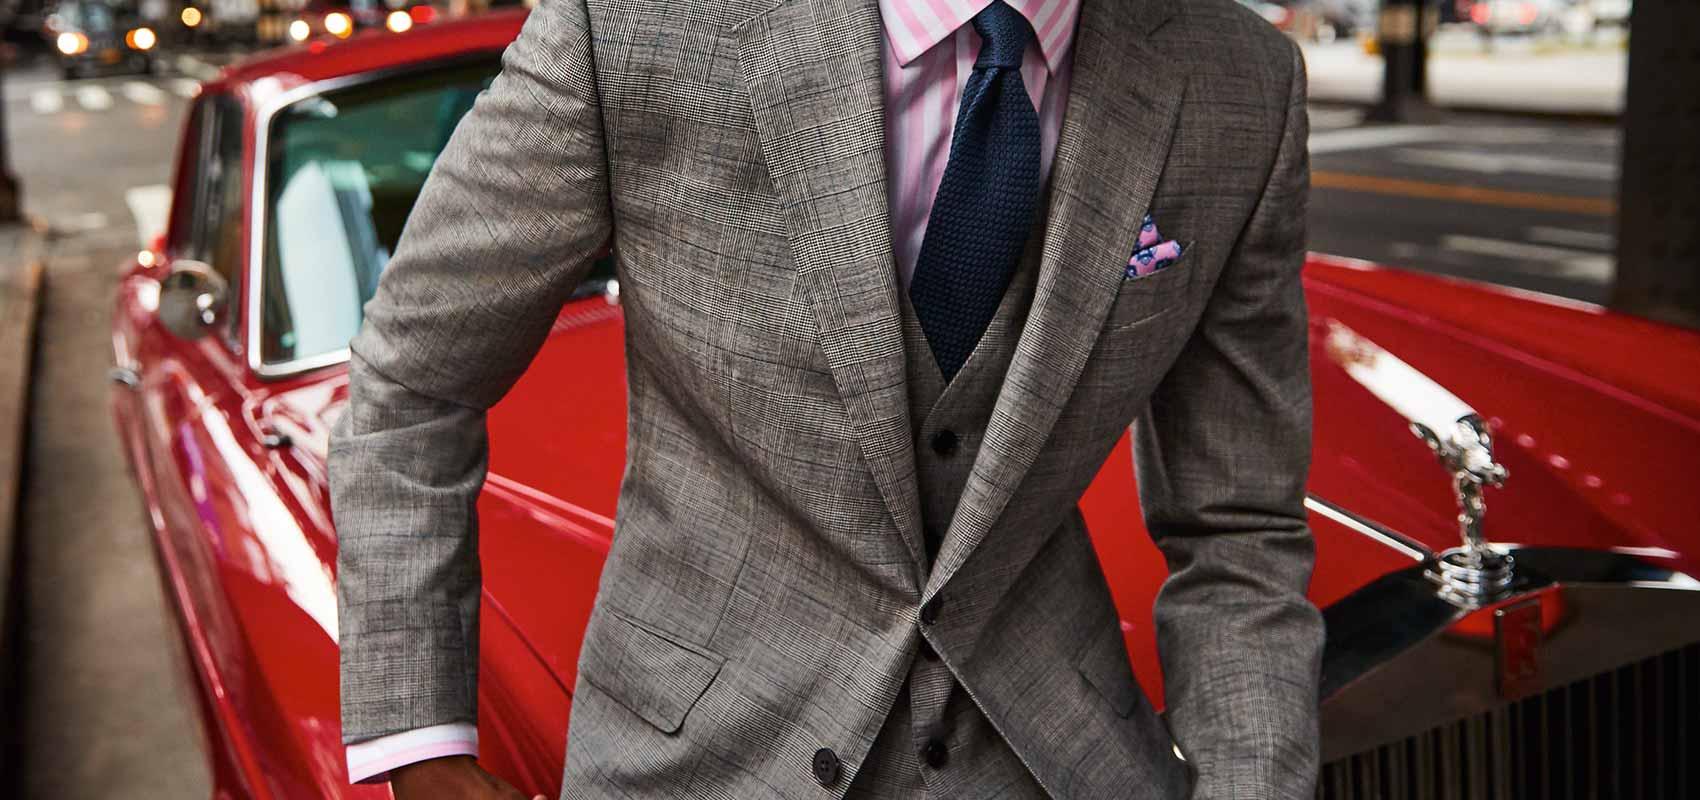 Charles Tyrwhitt suit Gilets